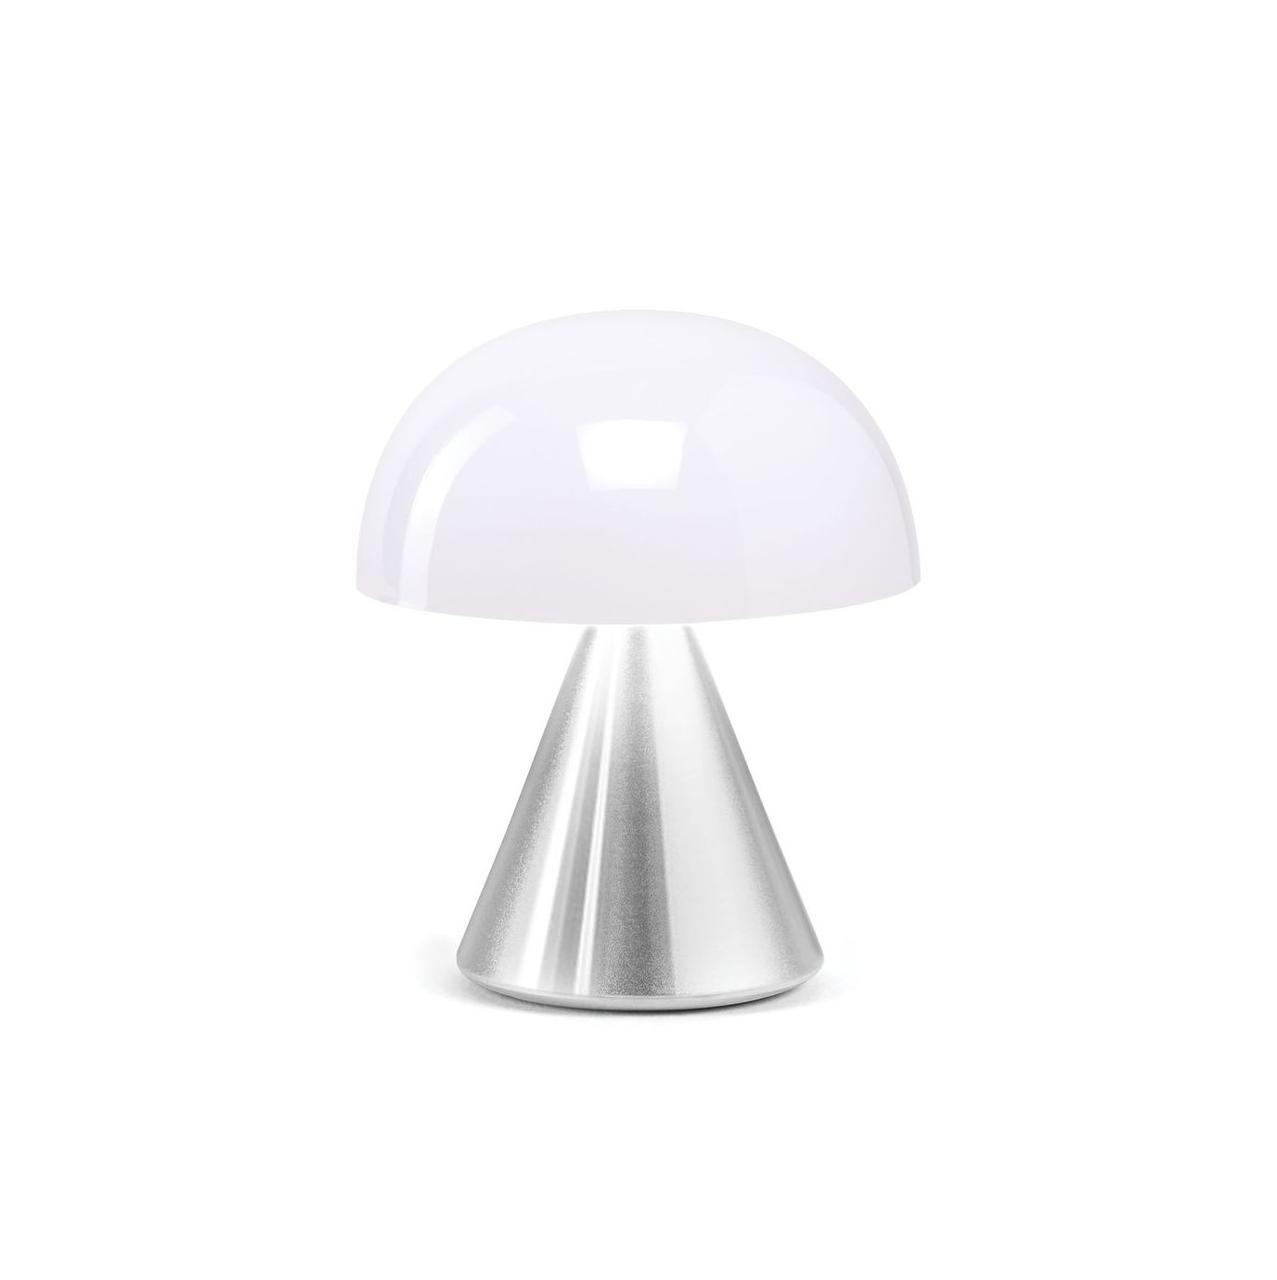 Міні світлодіодна лампа Lexon MINA, 8,3 х 7,7 см, алюміній